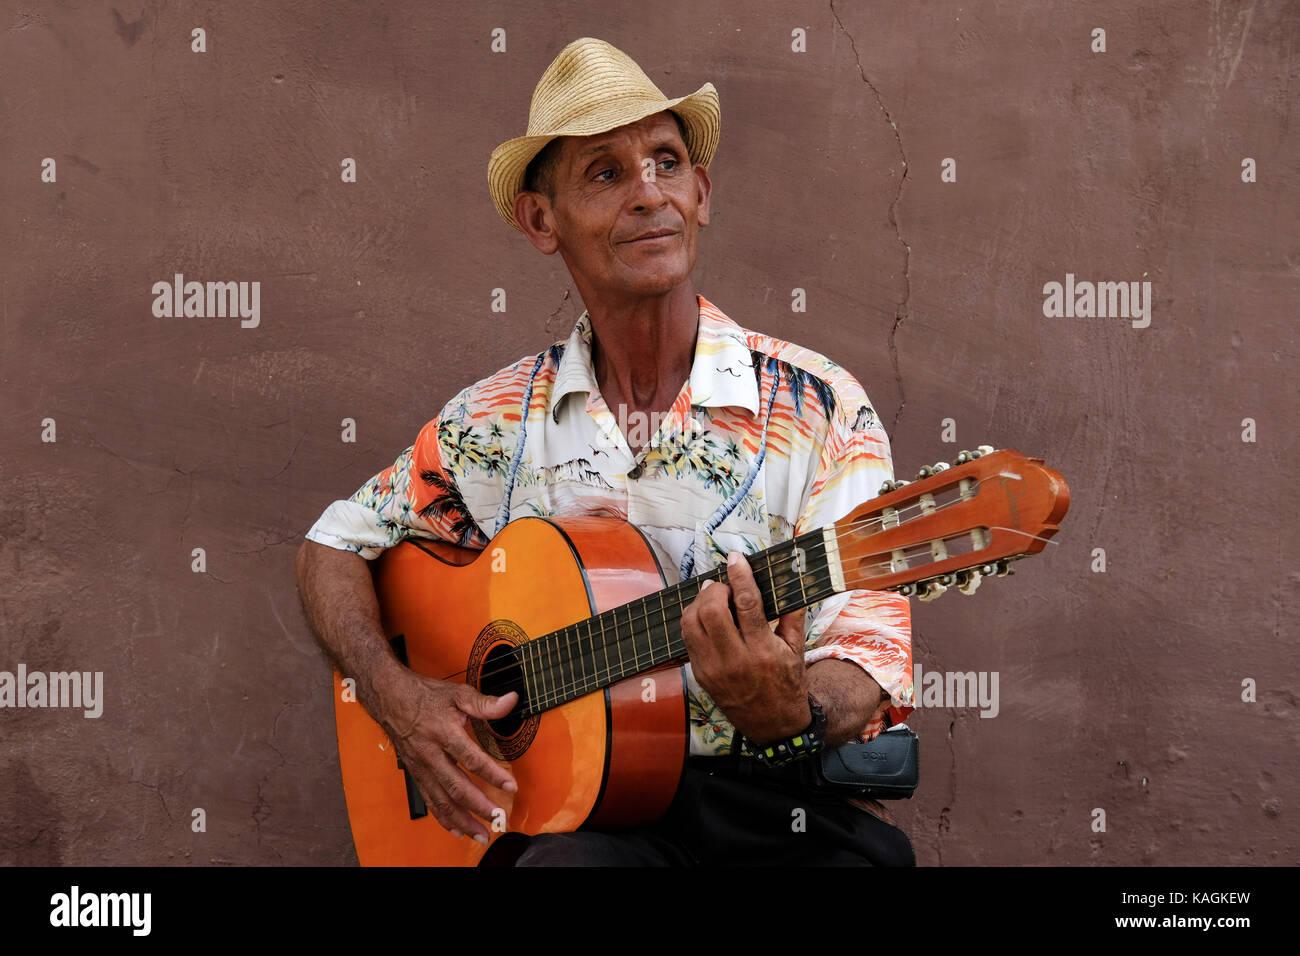 Un homme joue de la guitare sur le côté d'une rue de centre-ville de Trinidad, Cuba. Photo Stock